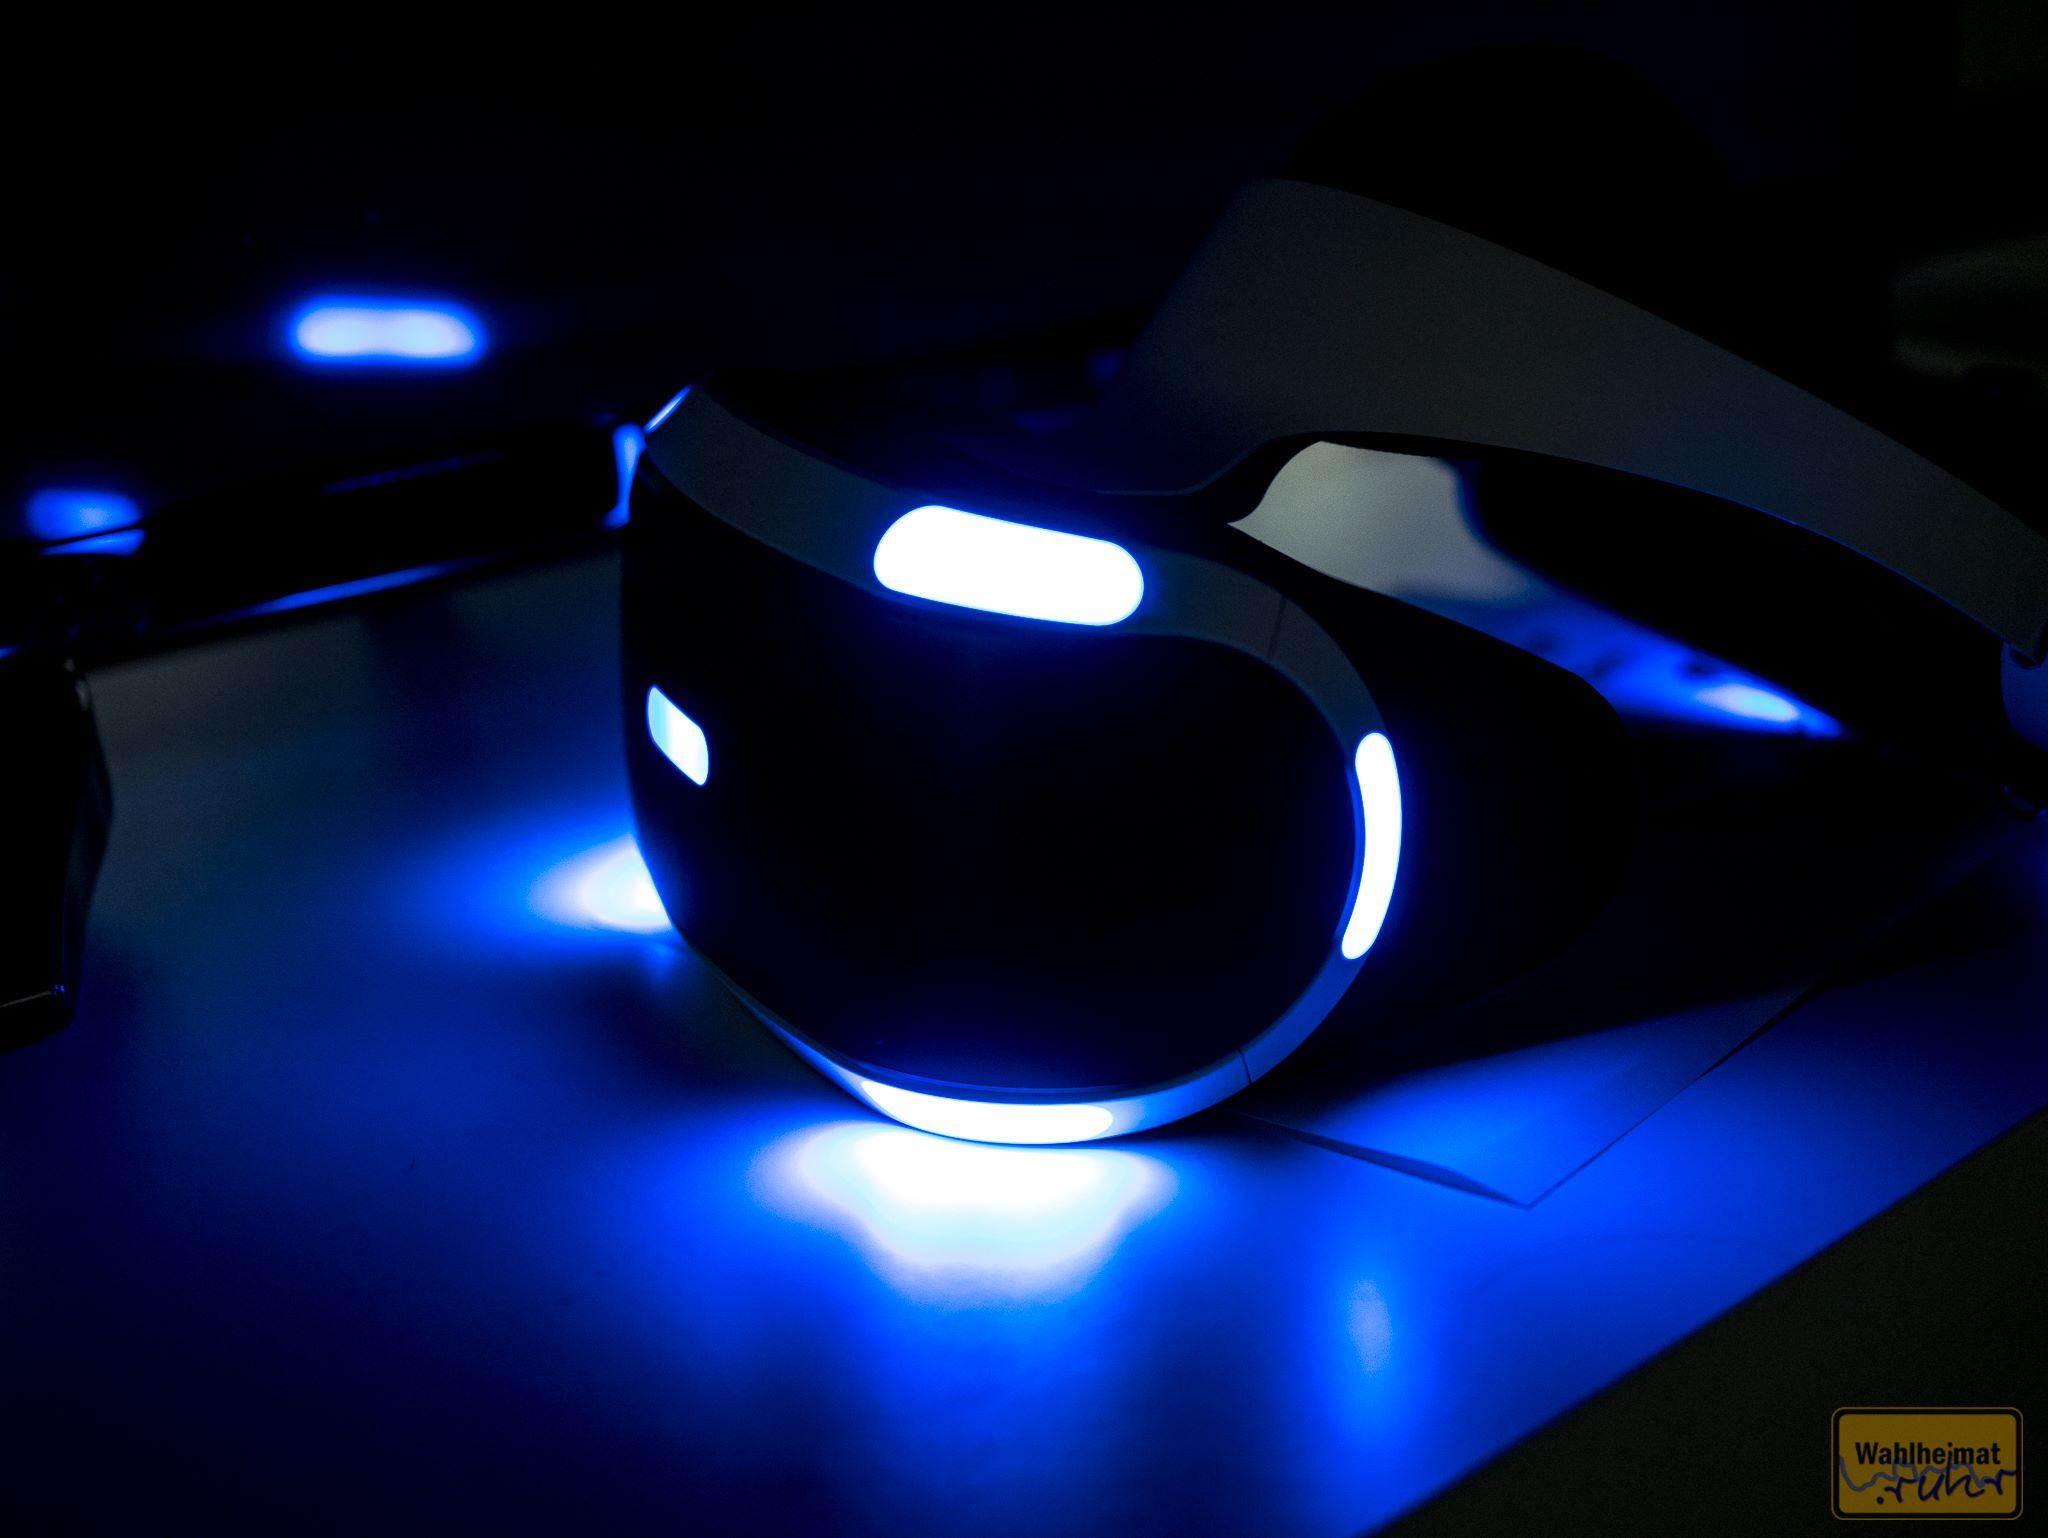 ...oder mit dem Monitor direkt vor Augen in virtuellen Welten. Klasse Vielfalt!